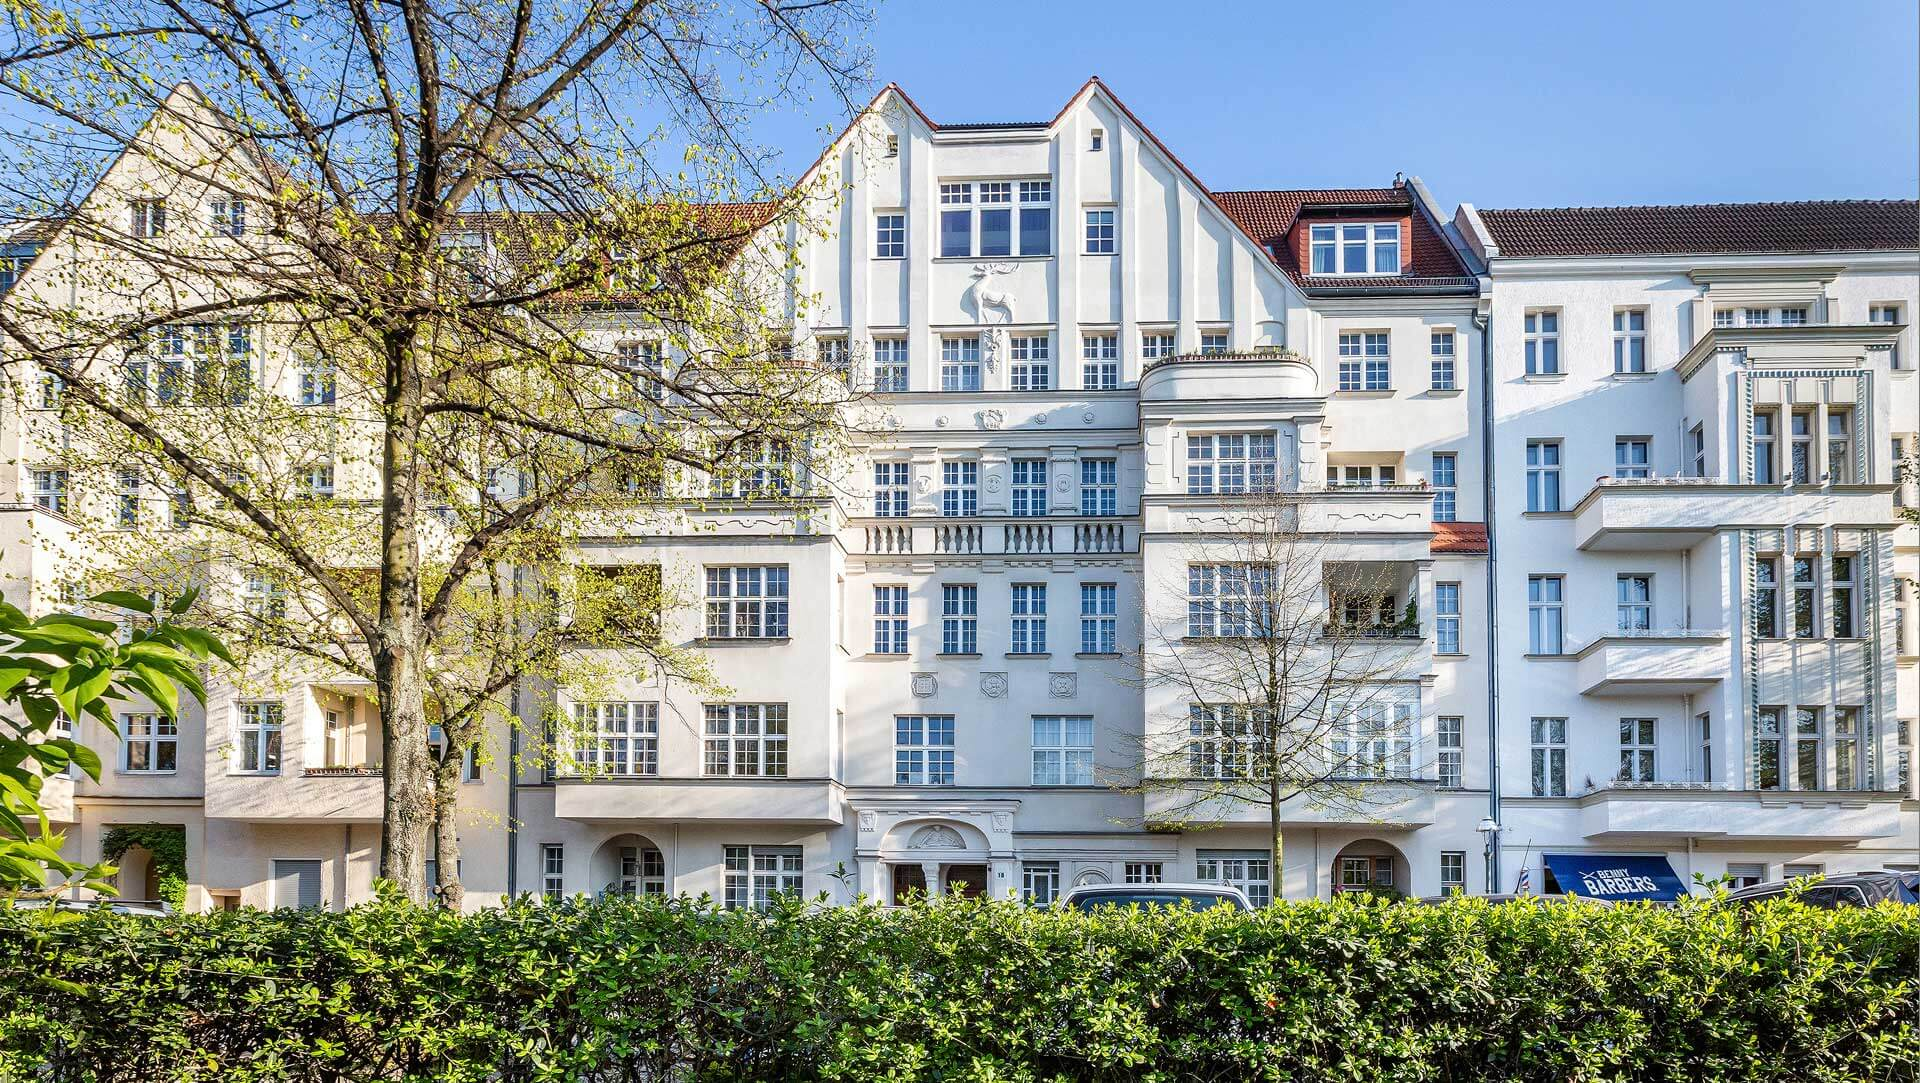 architekturfotografie-berlin-hausfassade-altbau-immobilienfoto